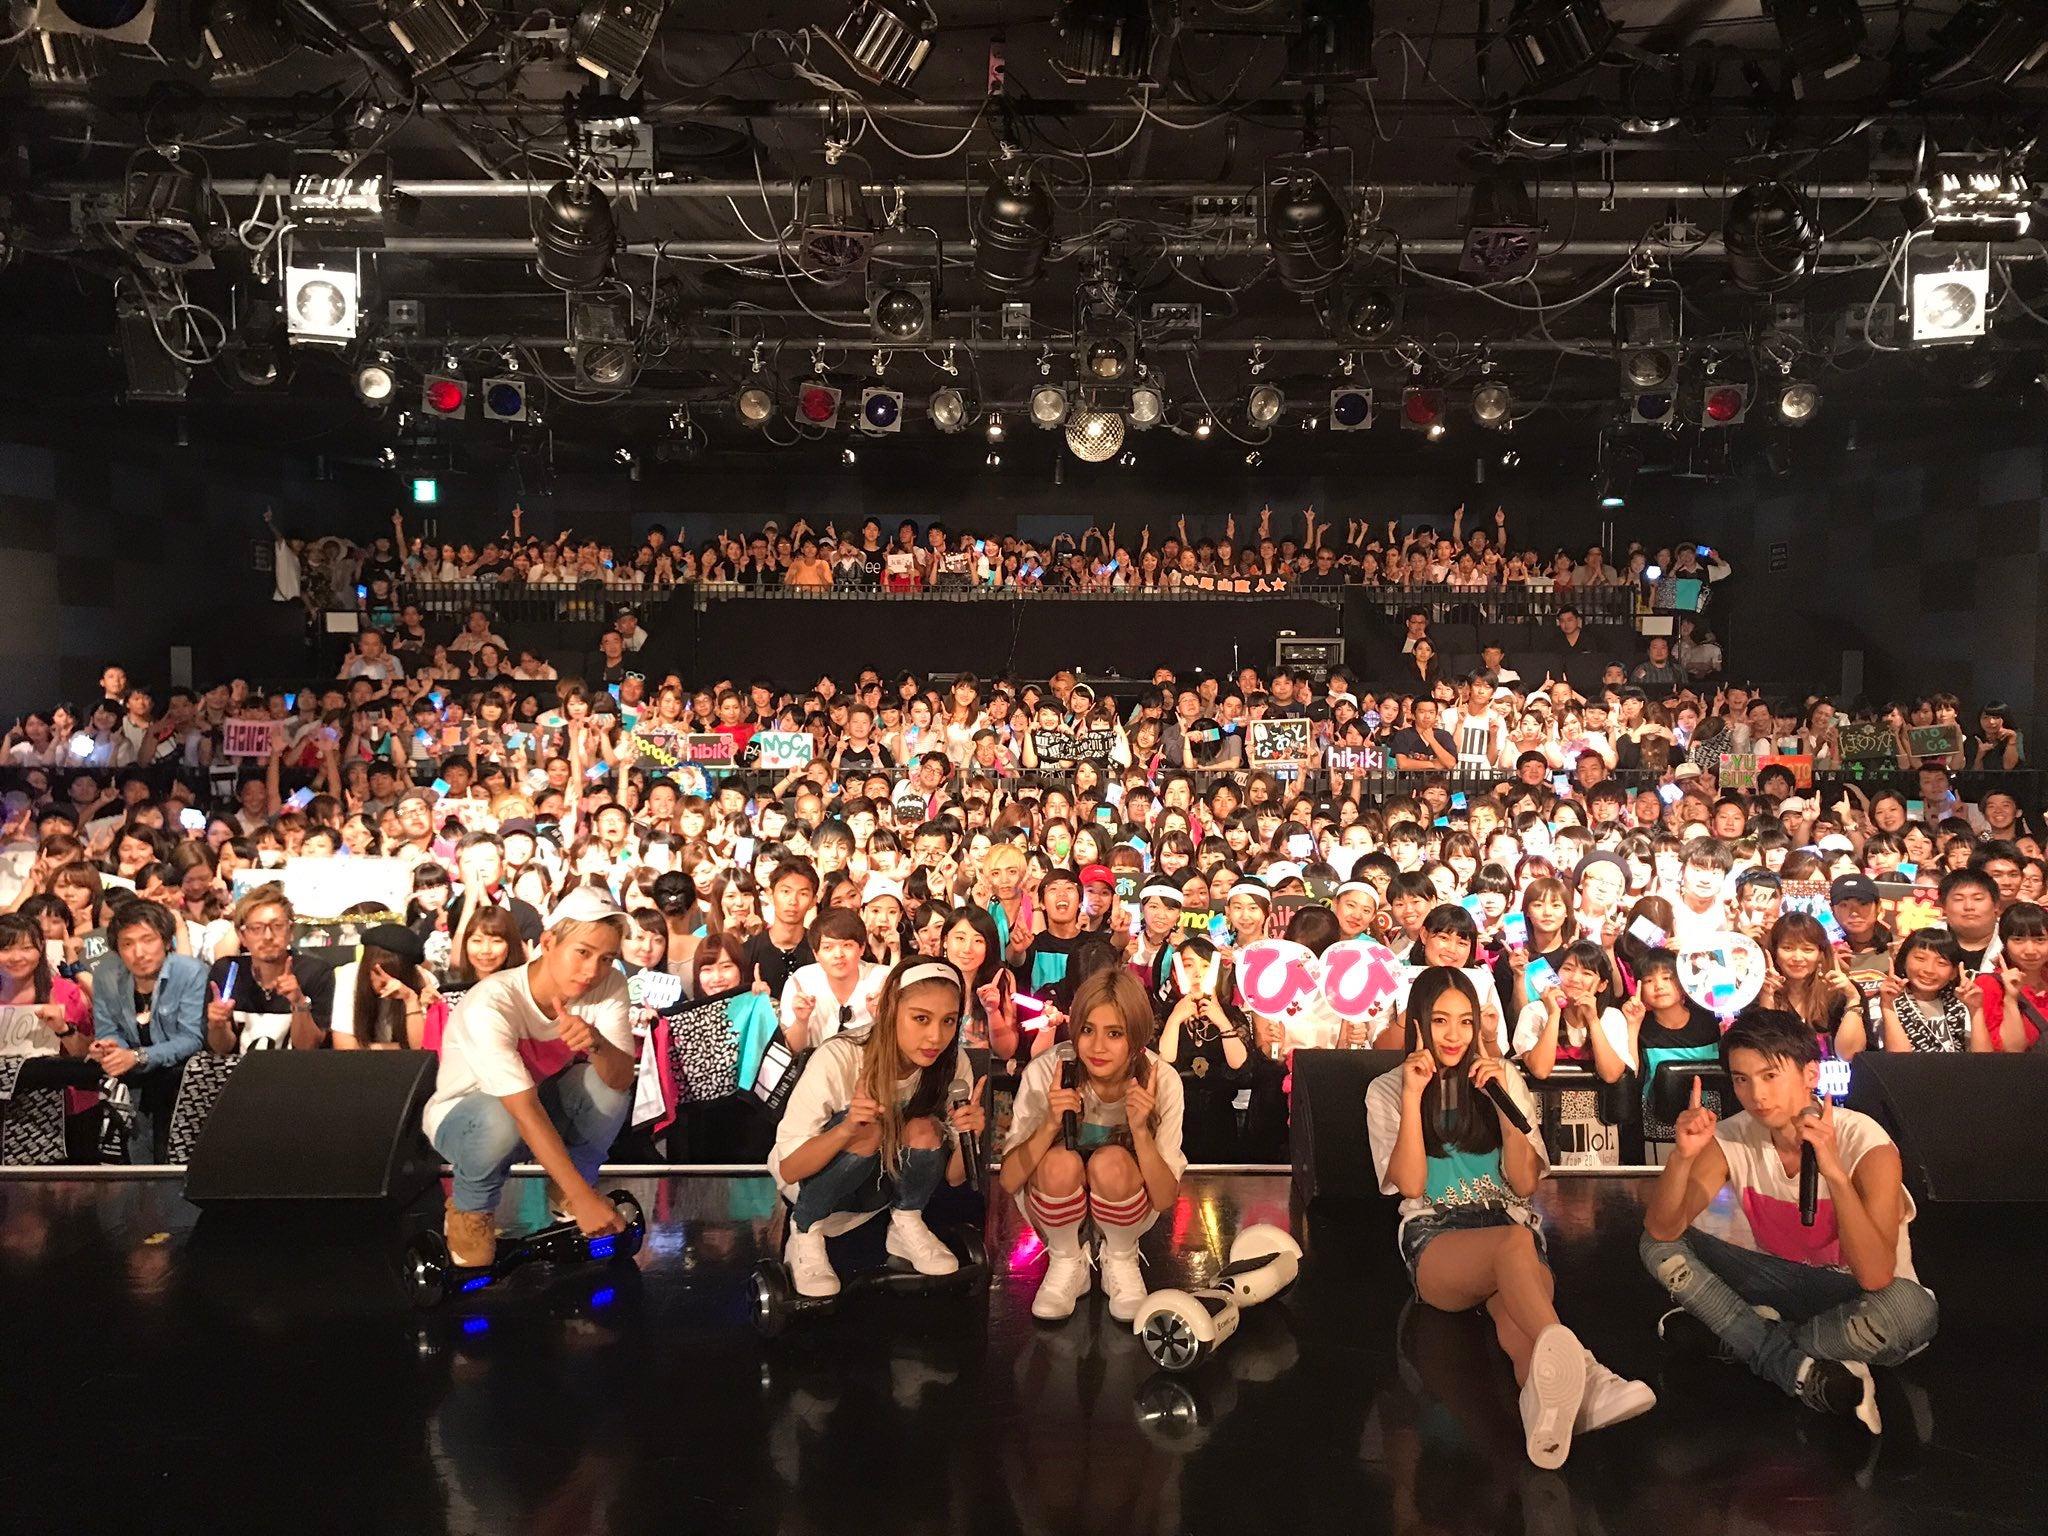 クアトロ クラブ 初めての渋谷クラブクアトロです。